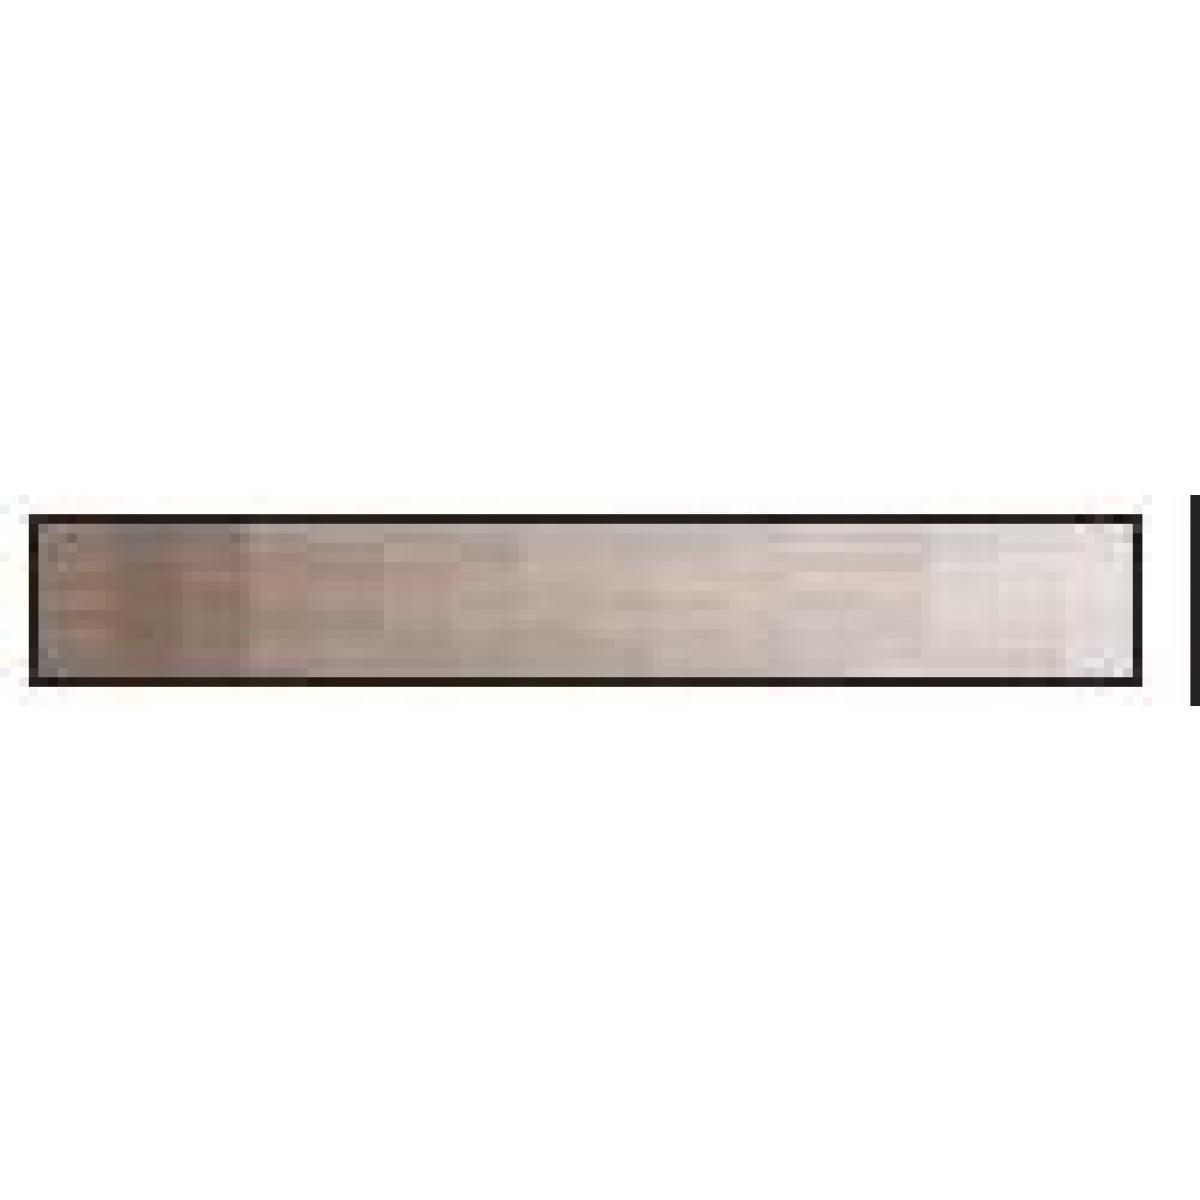 8543Kunstnerkvalitet soft pastel Van dyck brown